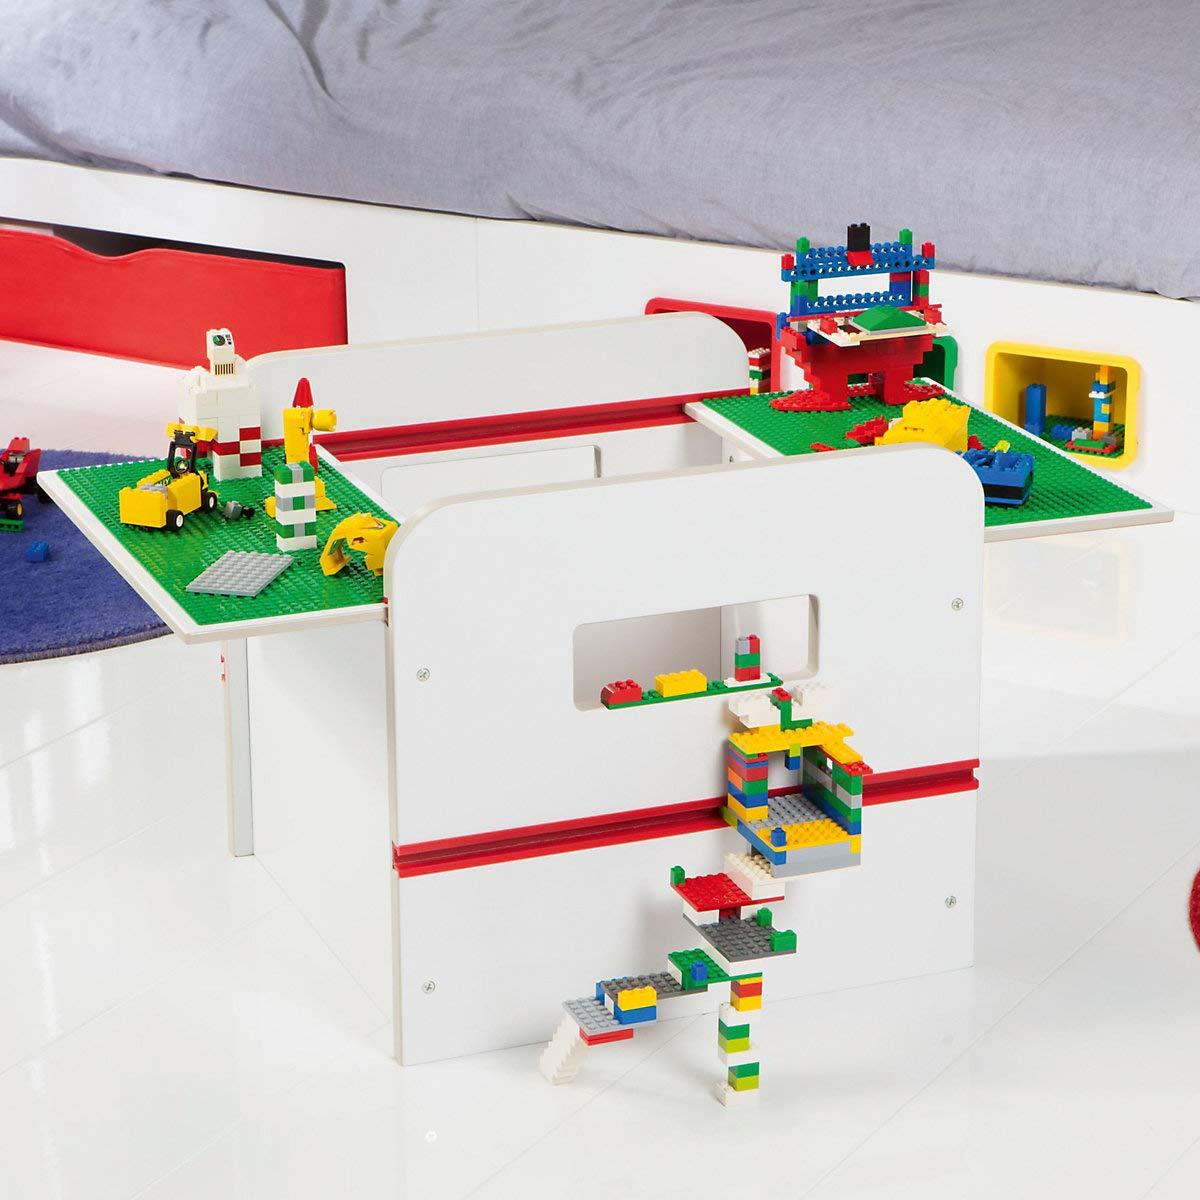 venta caliente Familie24 - Caja Caja Caja para Juguetes Room2Build  venta con descuento